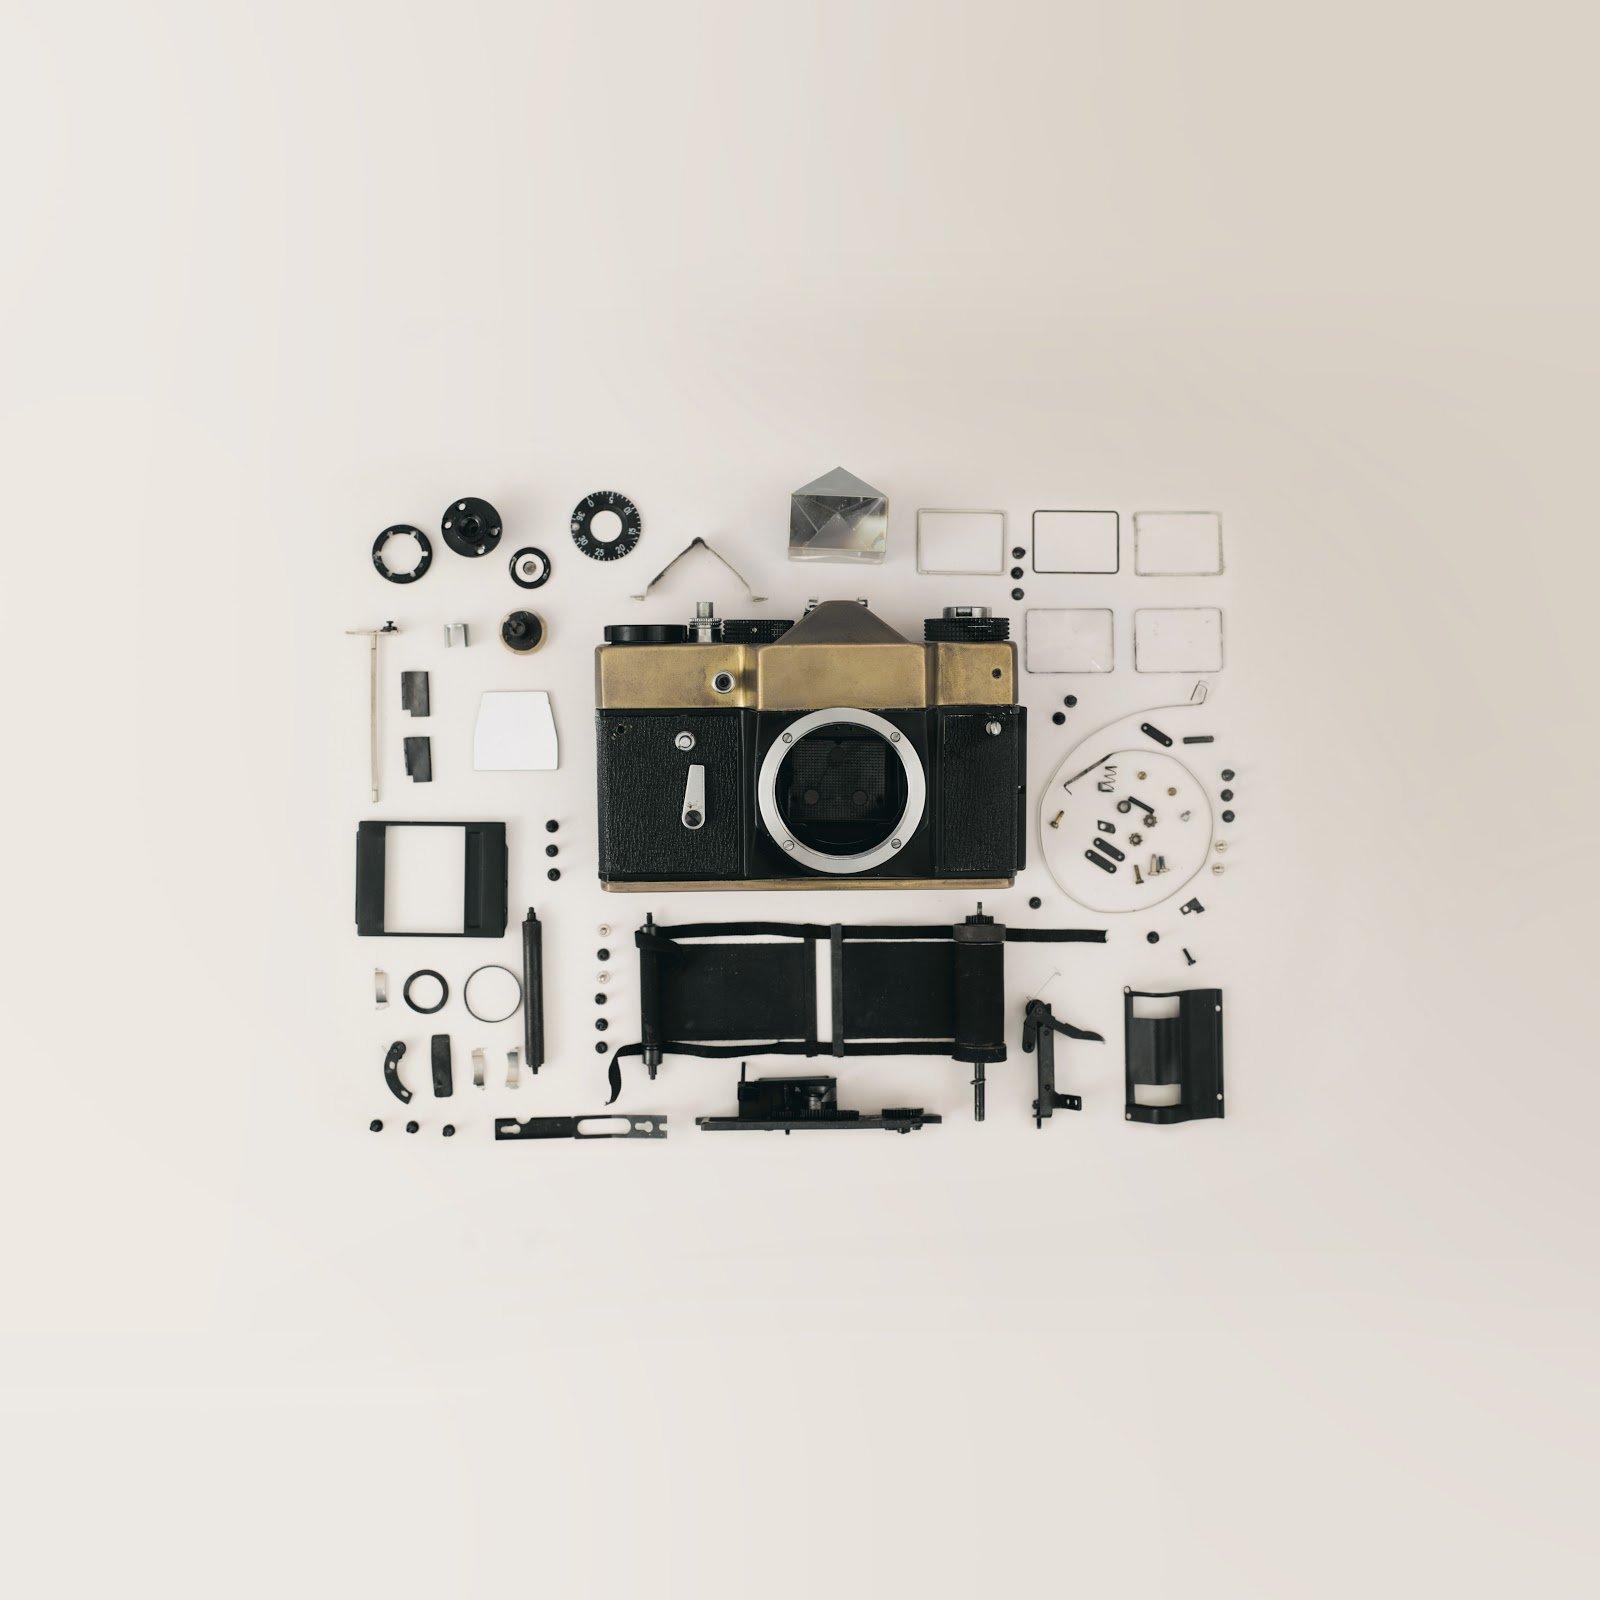 Og Cameras Provide Insight Into How Photos Are Taken